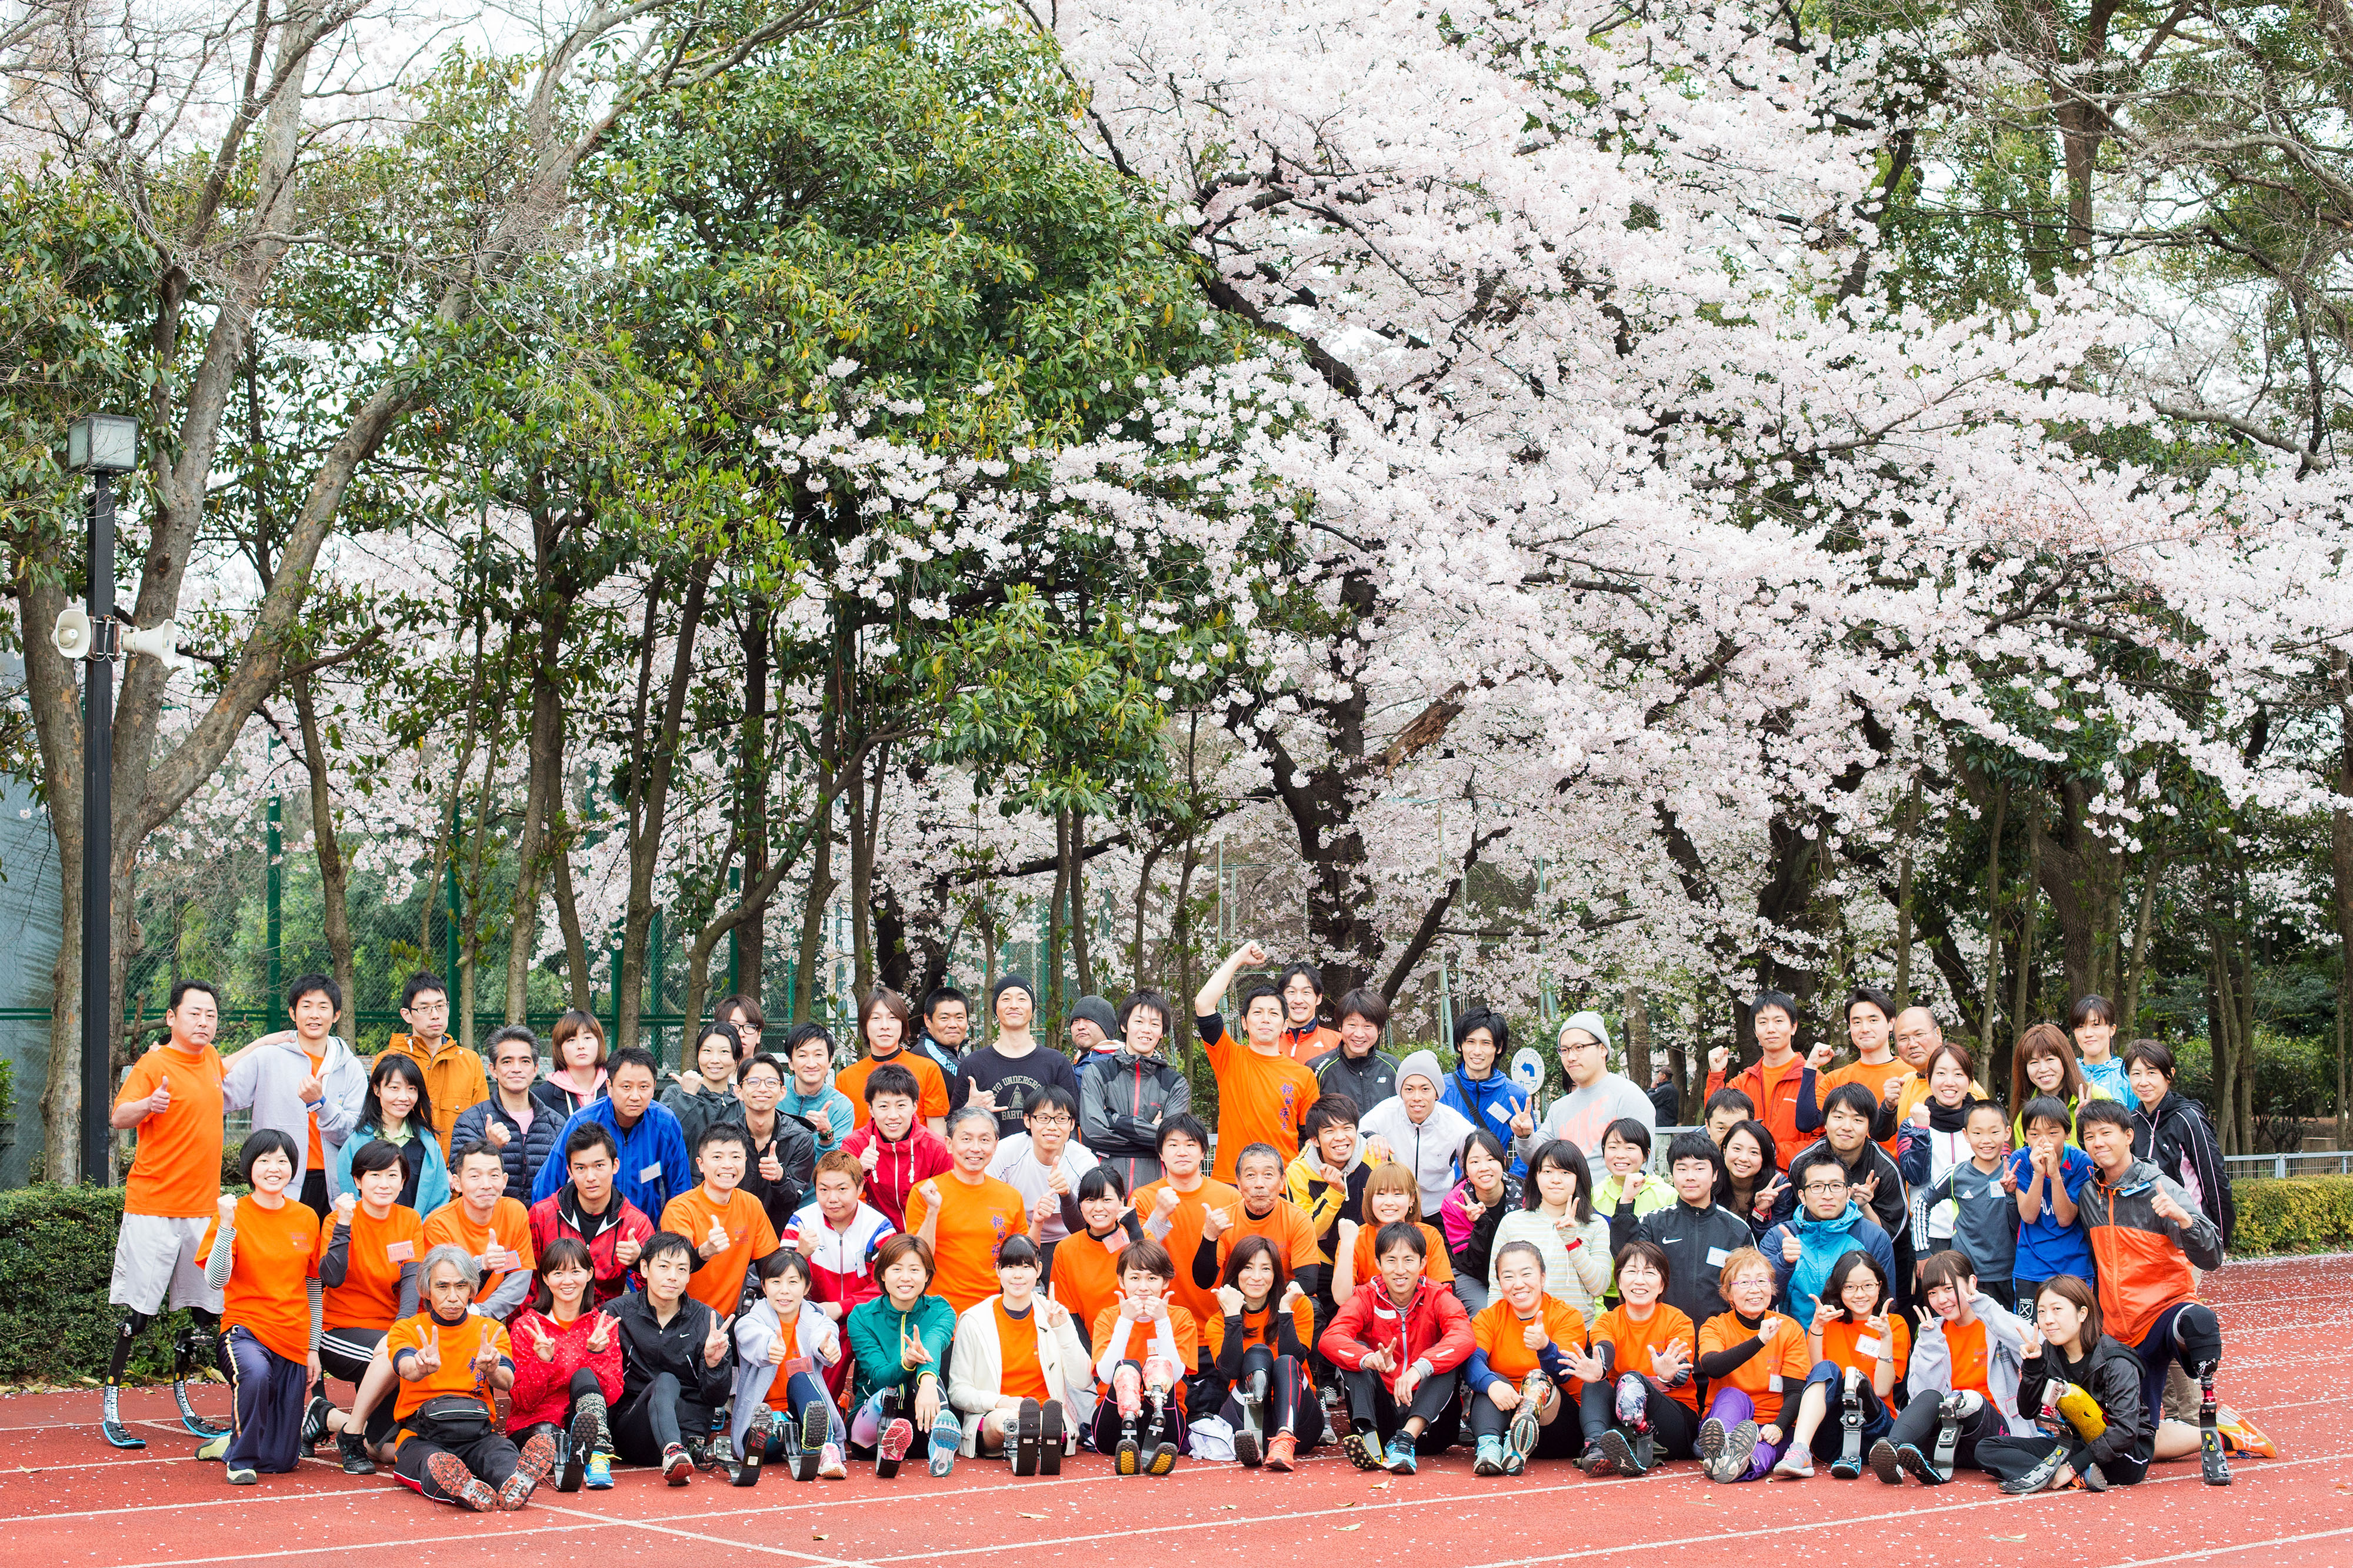 臼井さんが主宰するヘルスエンジェルスは月1回程度行われていて、60-70人が参加する(撮影:越智貴雄)